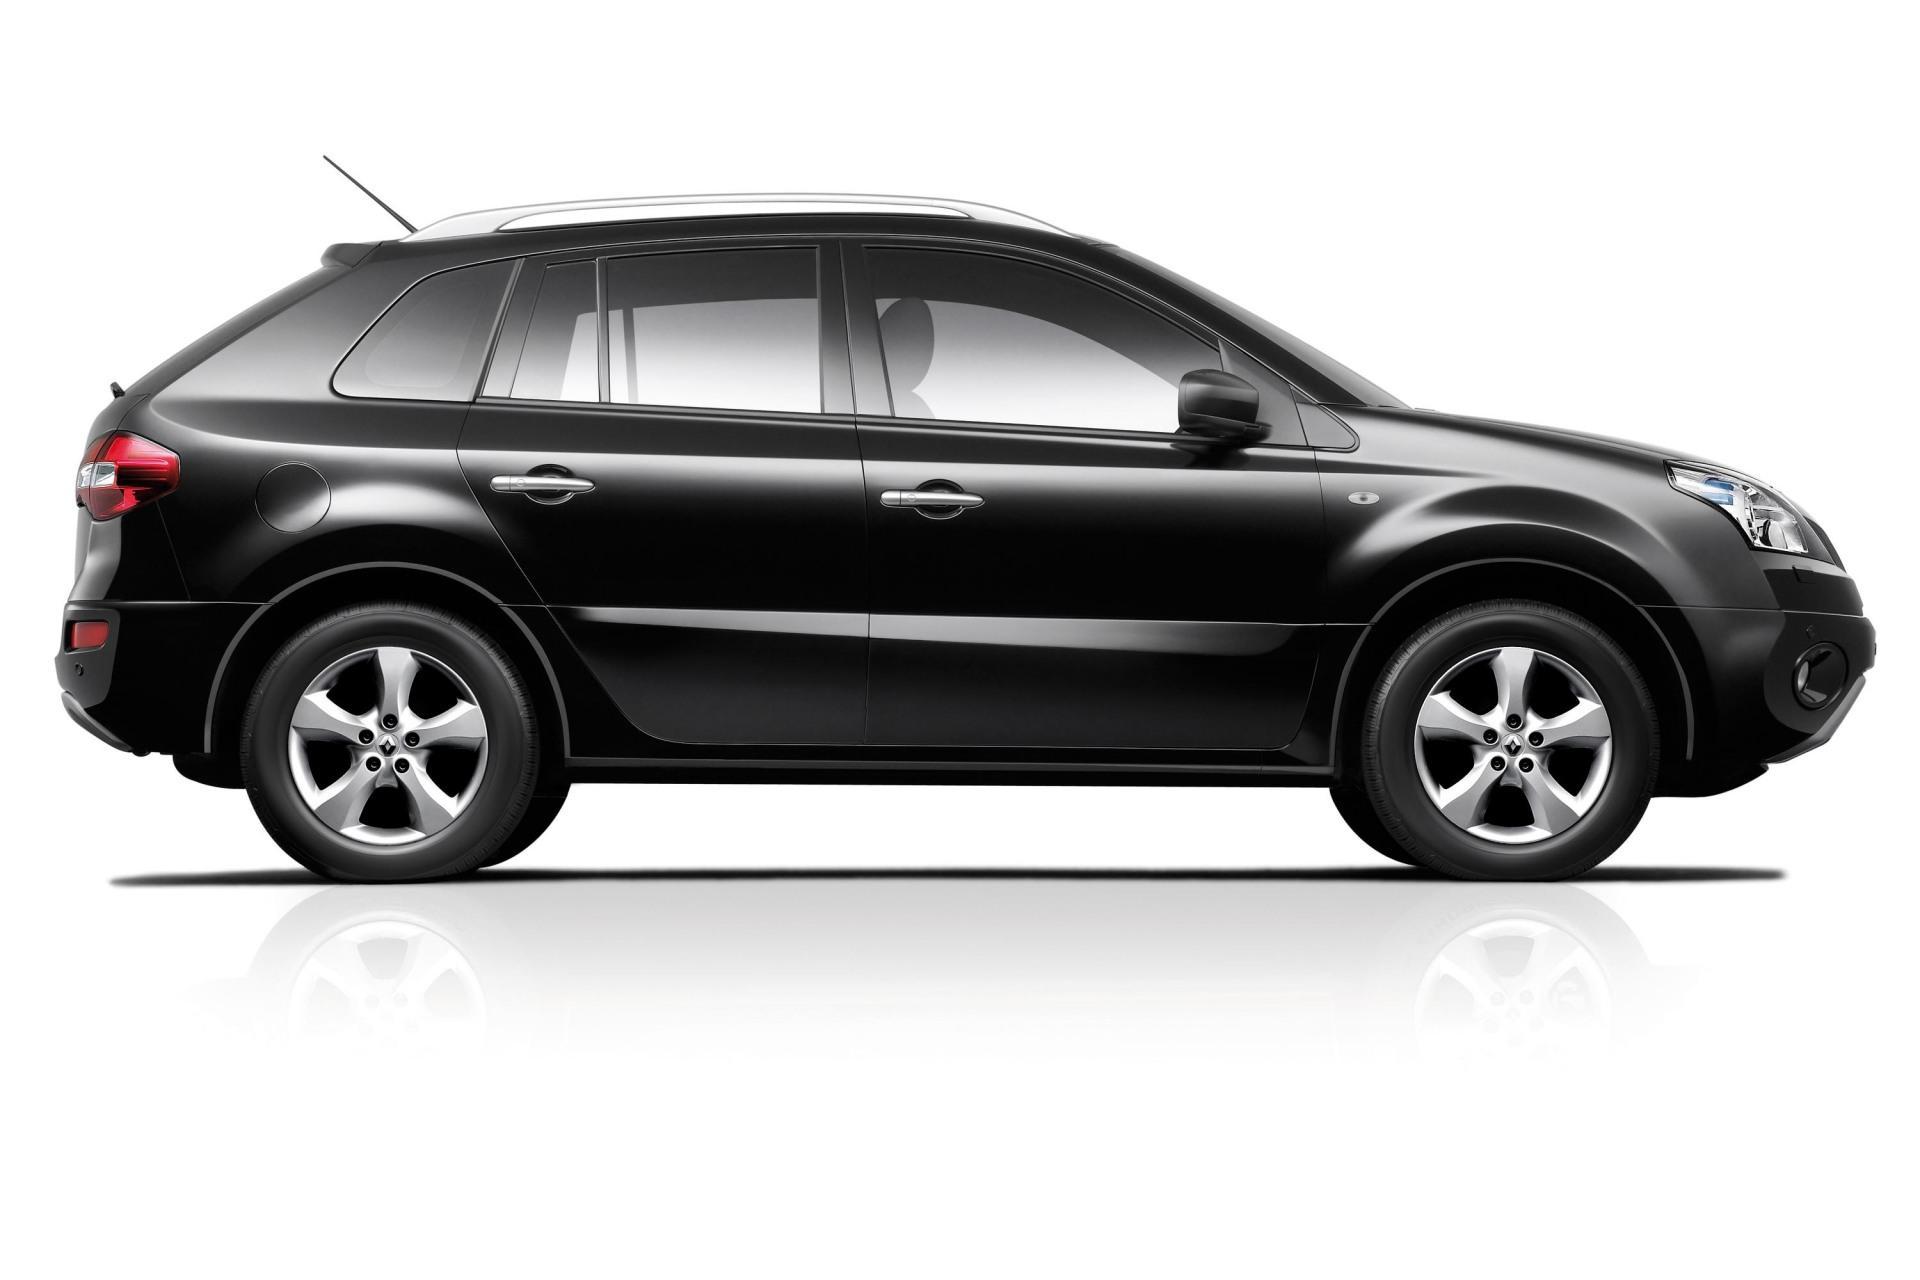 2009 Renault Koleos News And Information Conceptcarz Com